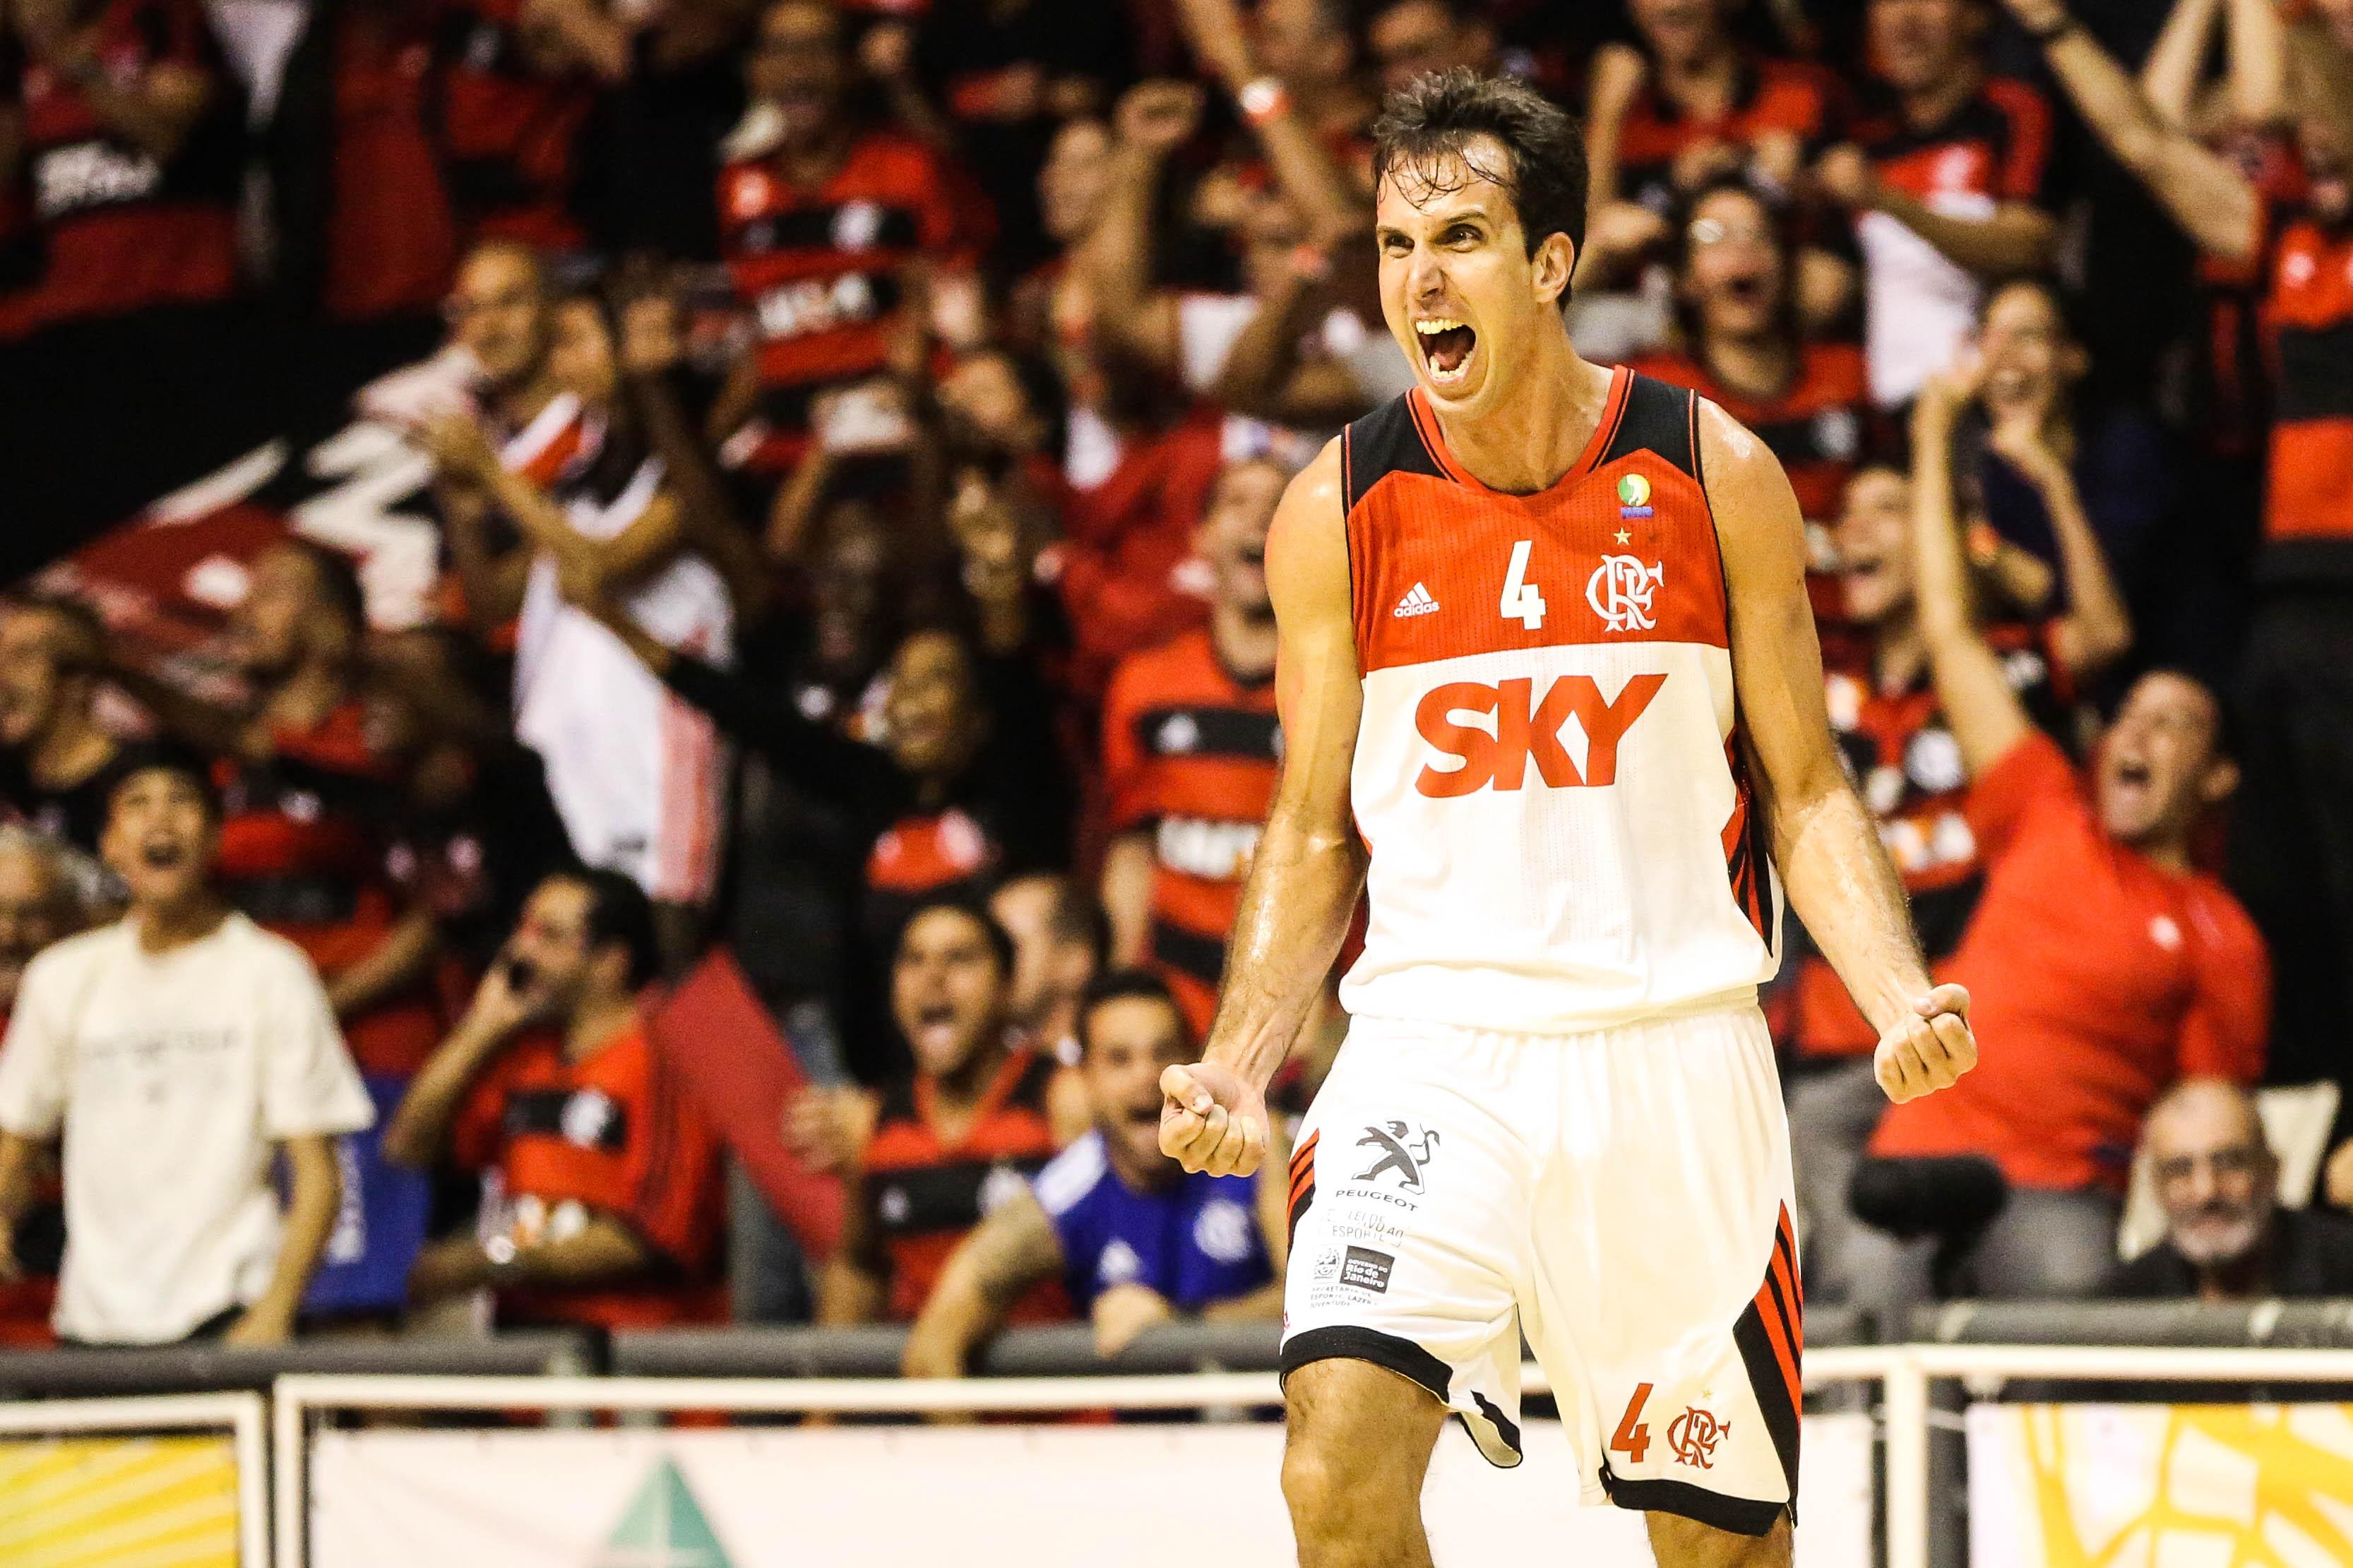 Comemoração Marcelinho Machado, do Flamengo